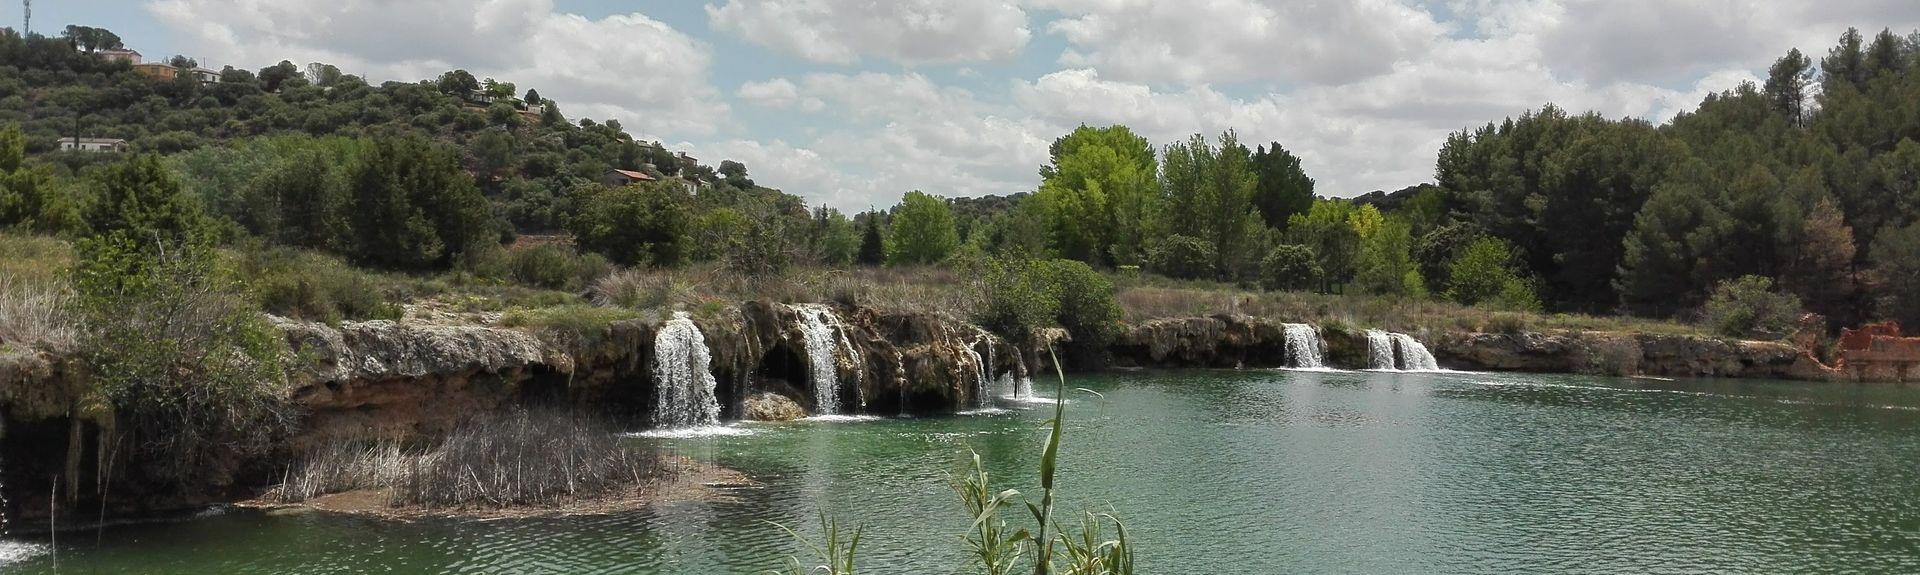 Aldea del Rey, Cdad. Real, Spain